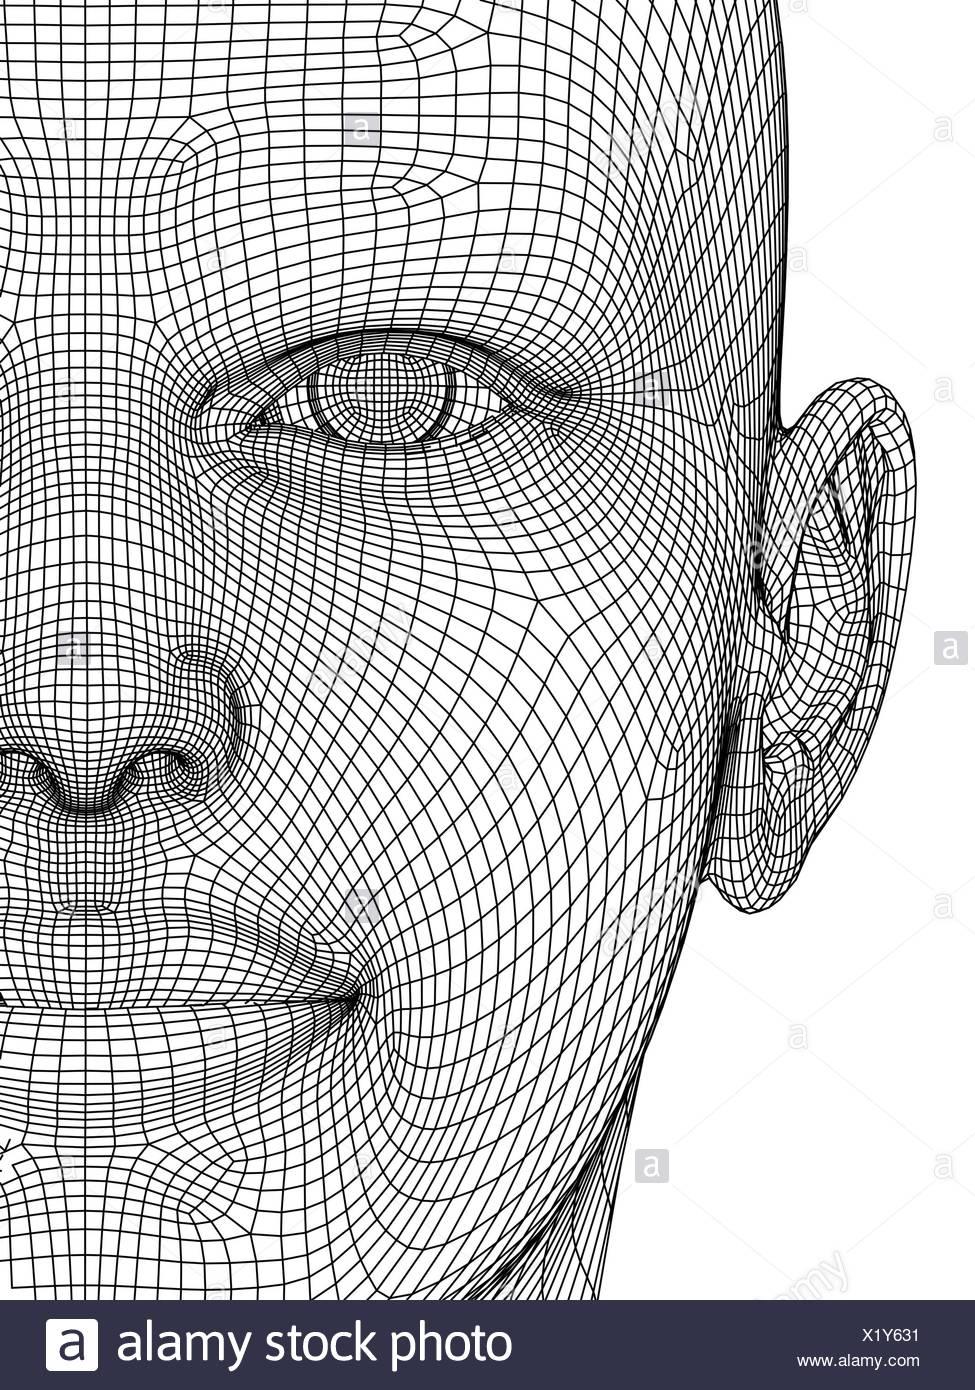 Wireframe head Stock Photo: 276578037 - Alamy